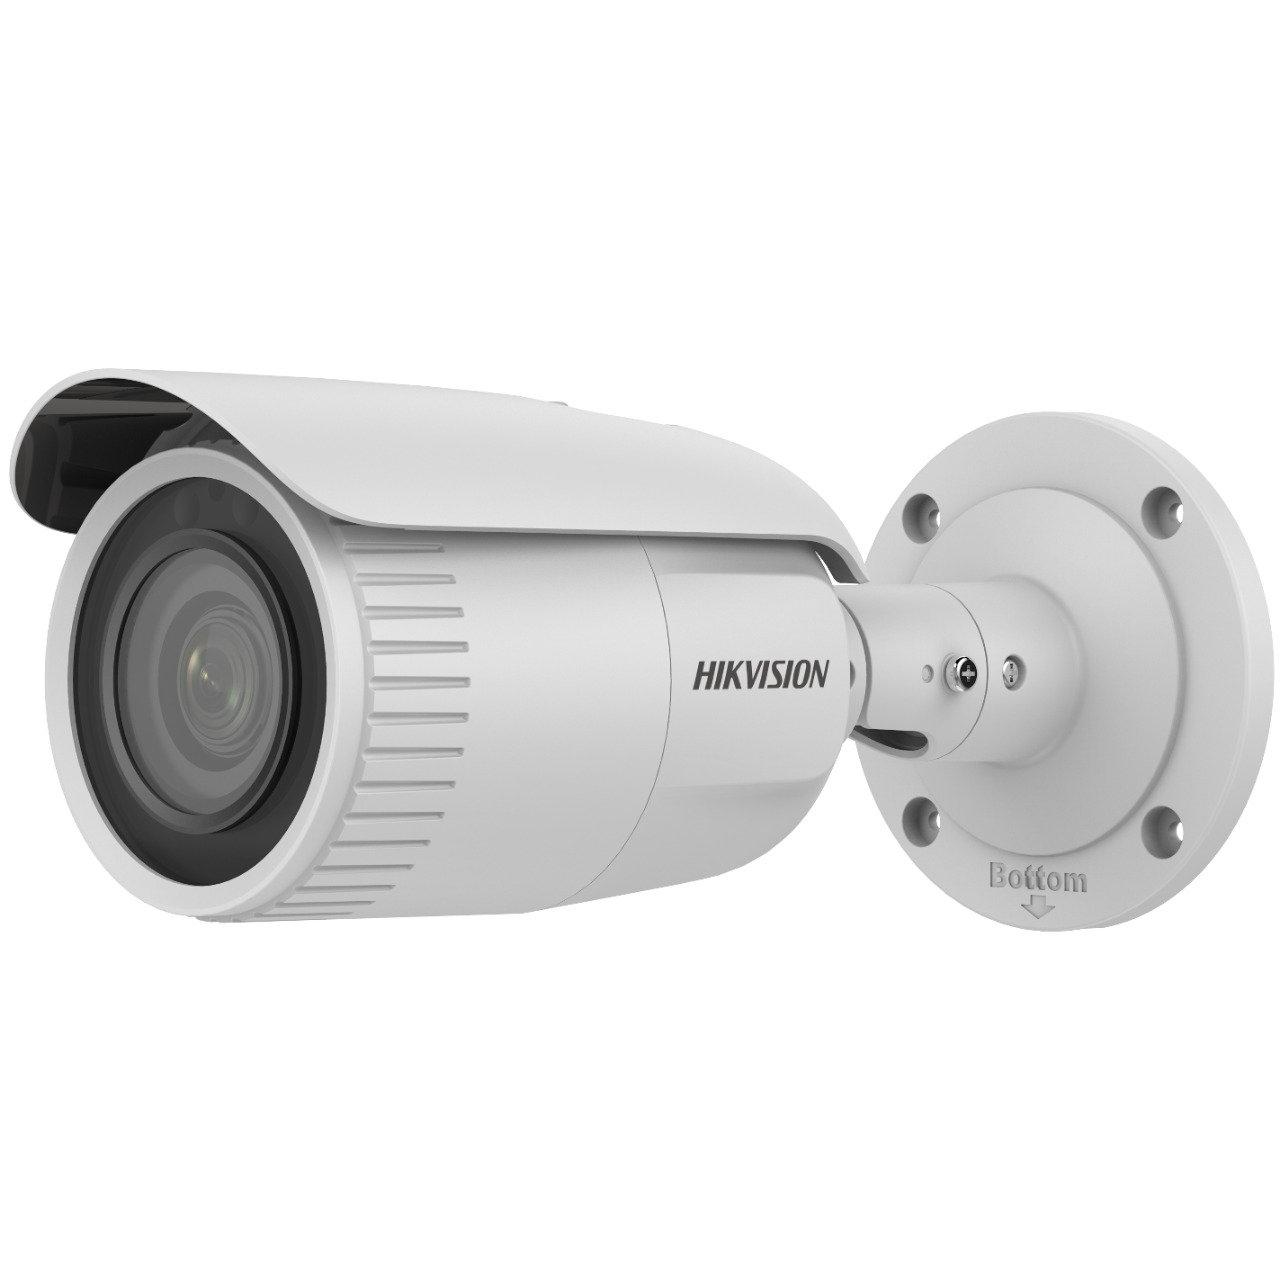 HIKVISION DS-2CD1623G0-IZS/UK 2MP 2.7-13.5MM VF LENS H.265+ IR BULLET IP KAMERA